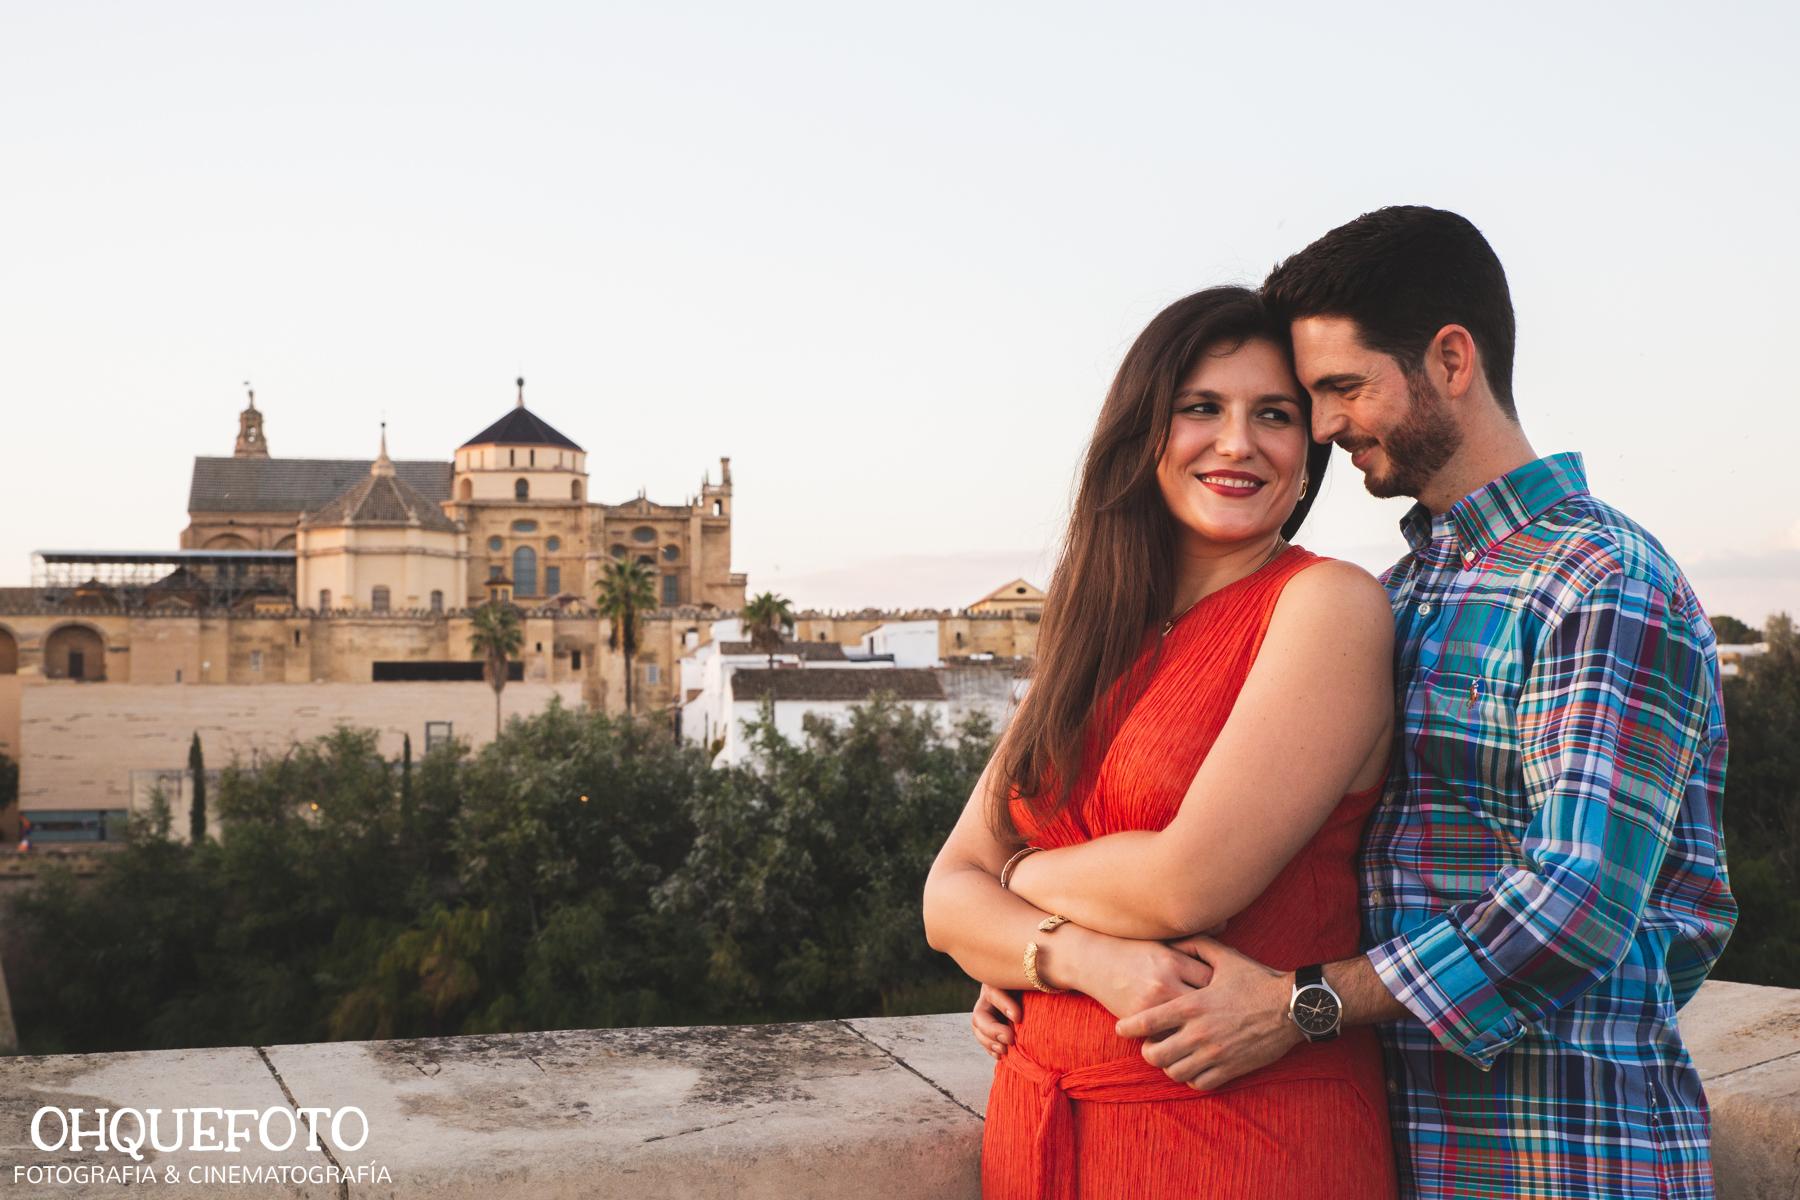 reportaje de preboda en cordoba ohquefoto fotos de boda en la mezquita de cordoba video de boda384 - Preboda en Córdoba de Roberto y Ana Belén